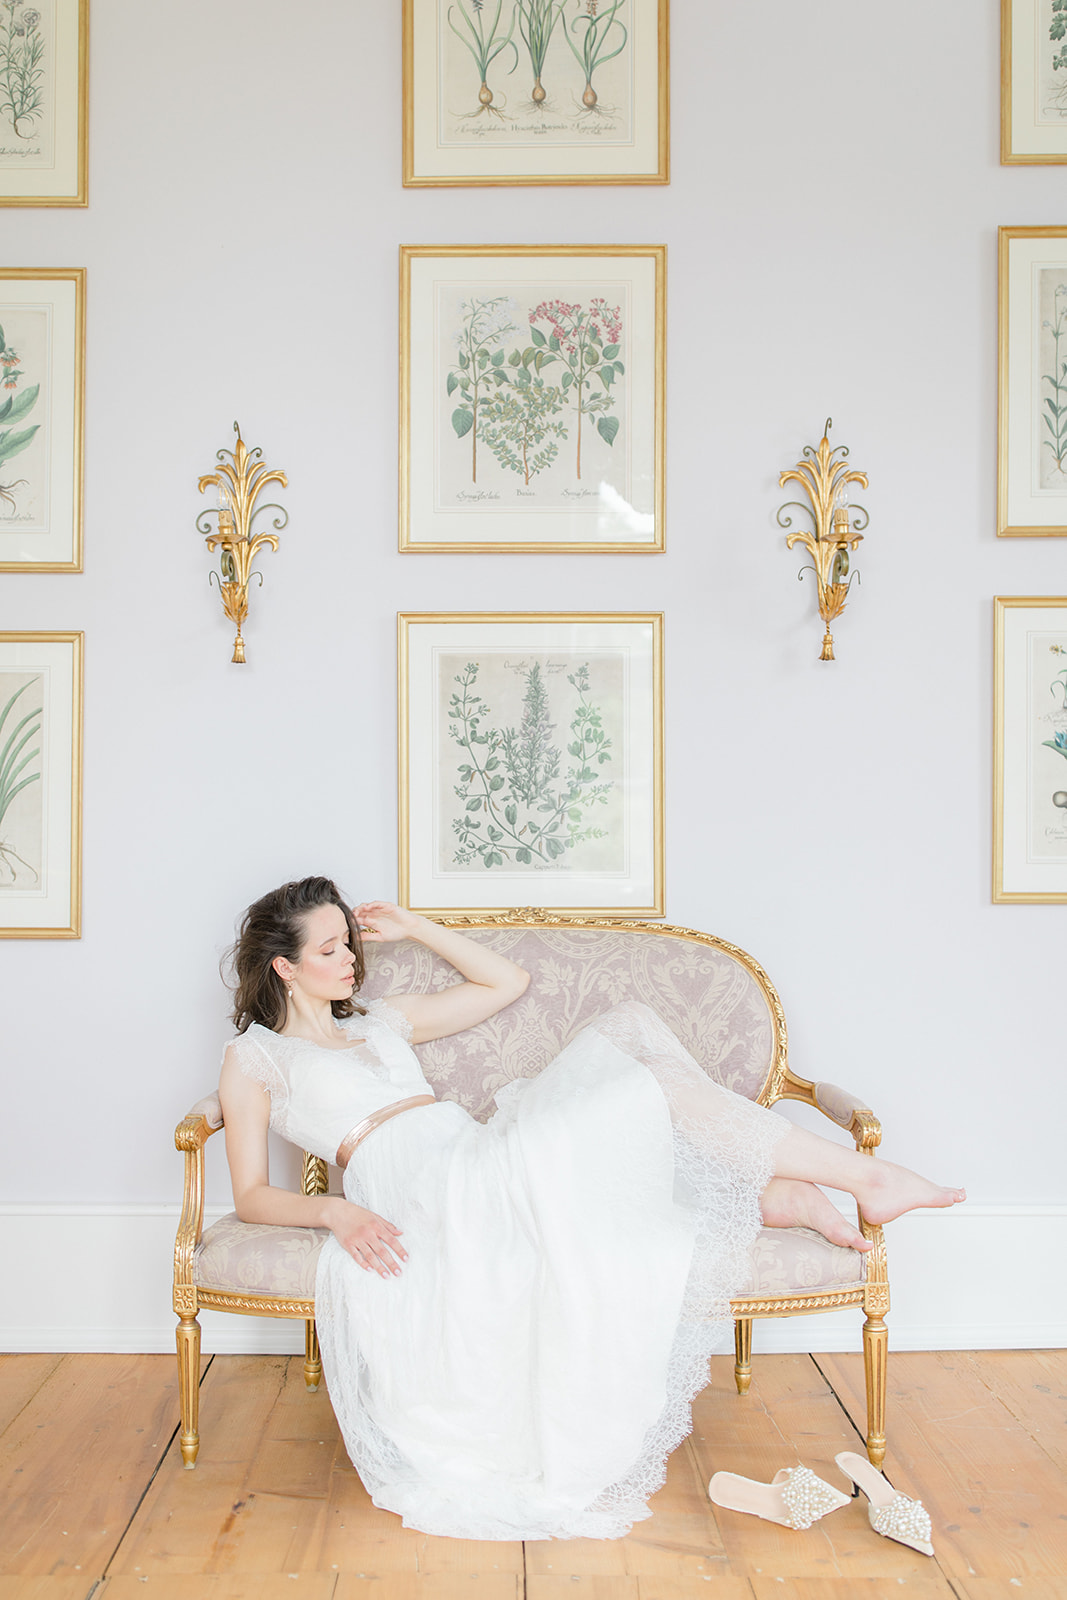 Wedding Inspiration in Castle Von Hammerstein in Germany